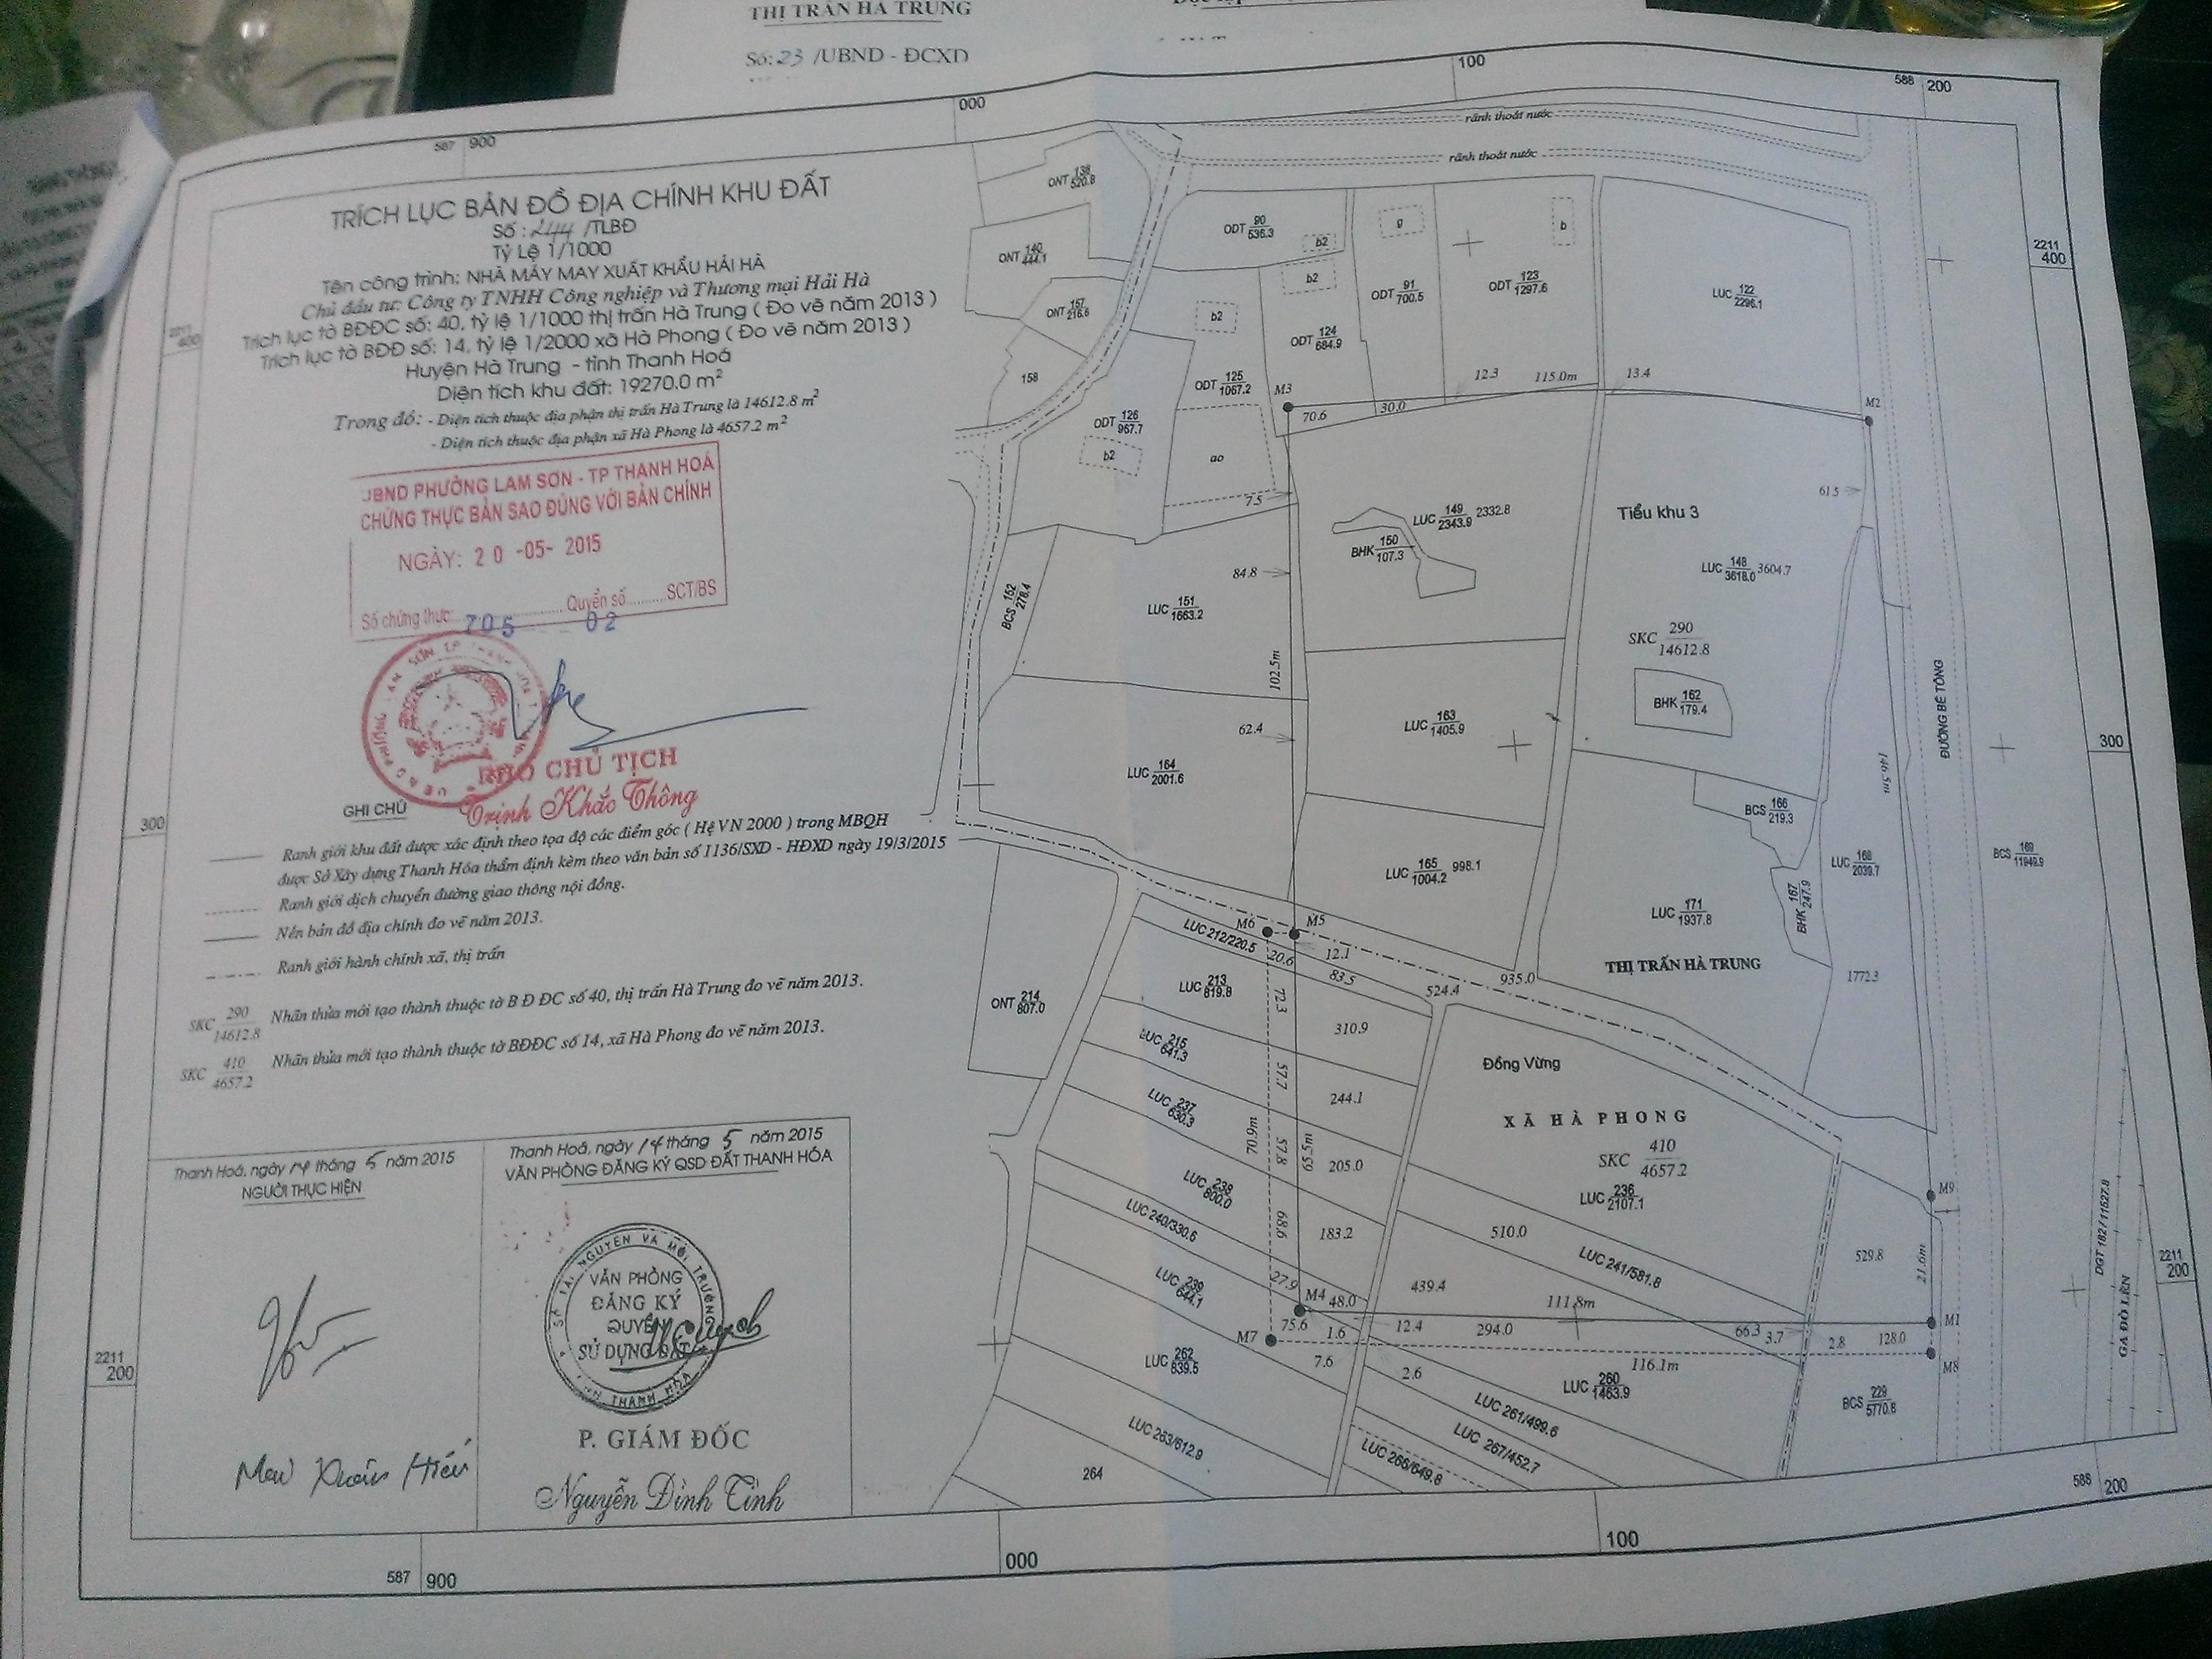 Nội dung bản đồ địa chính theo quy định pháp luật hiện hành